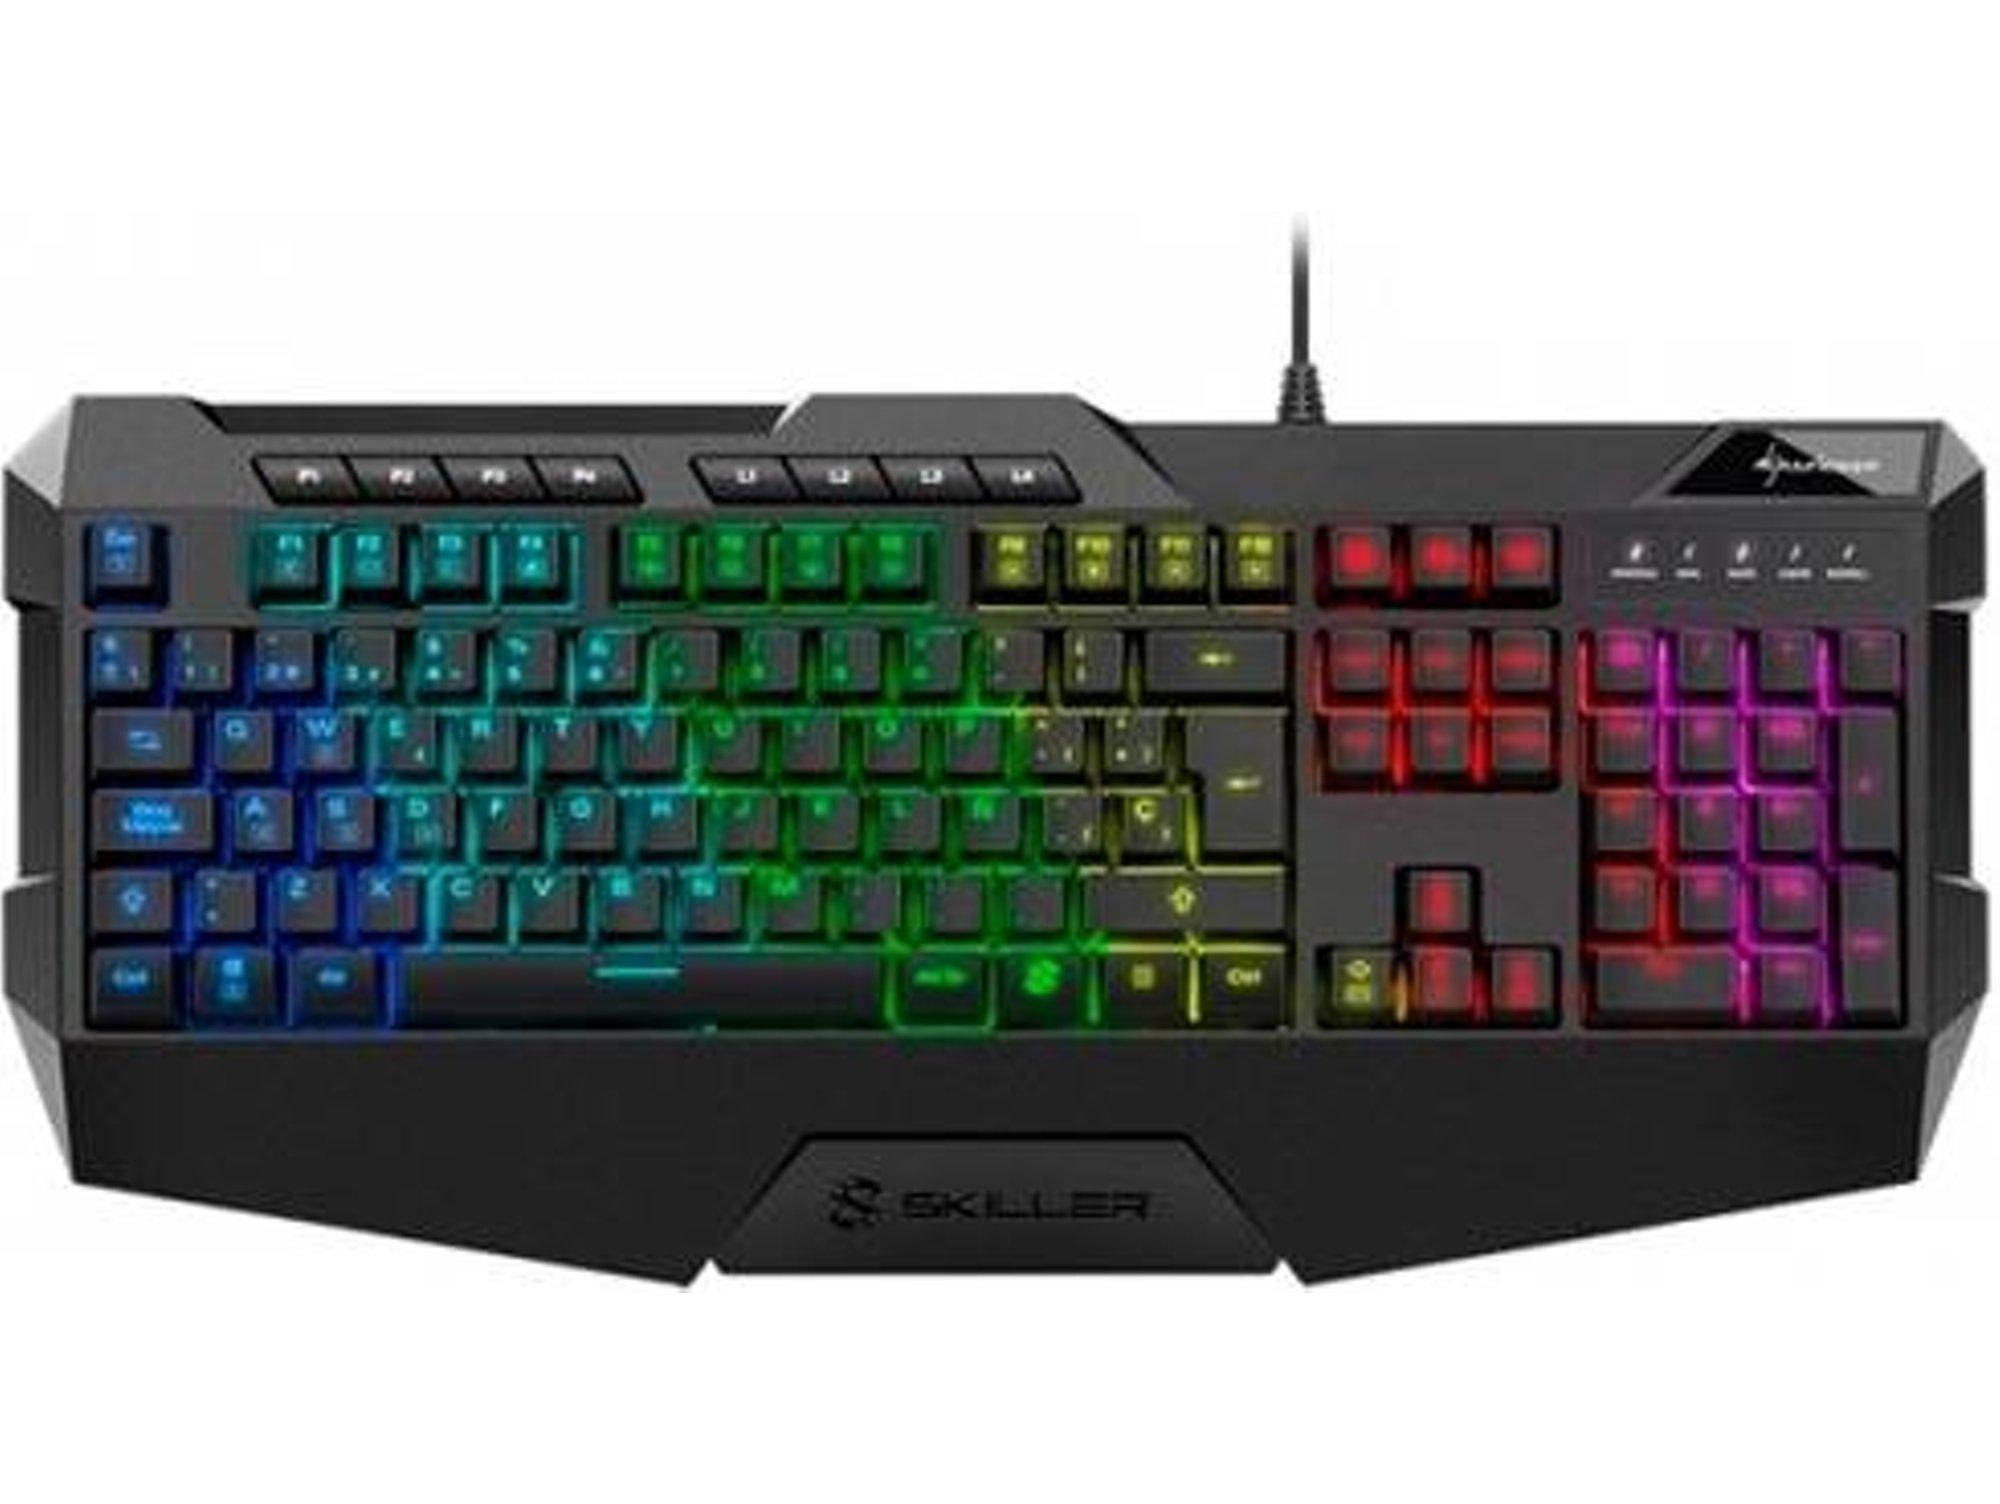 Teclado Gaming SHARKOON SGK4 RGB (Idioma Español - Iluminado)